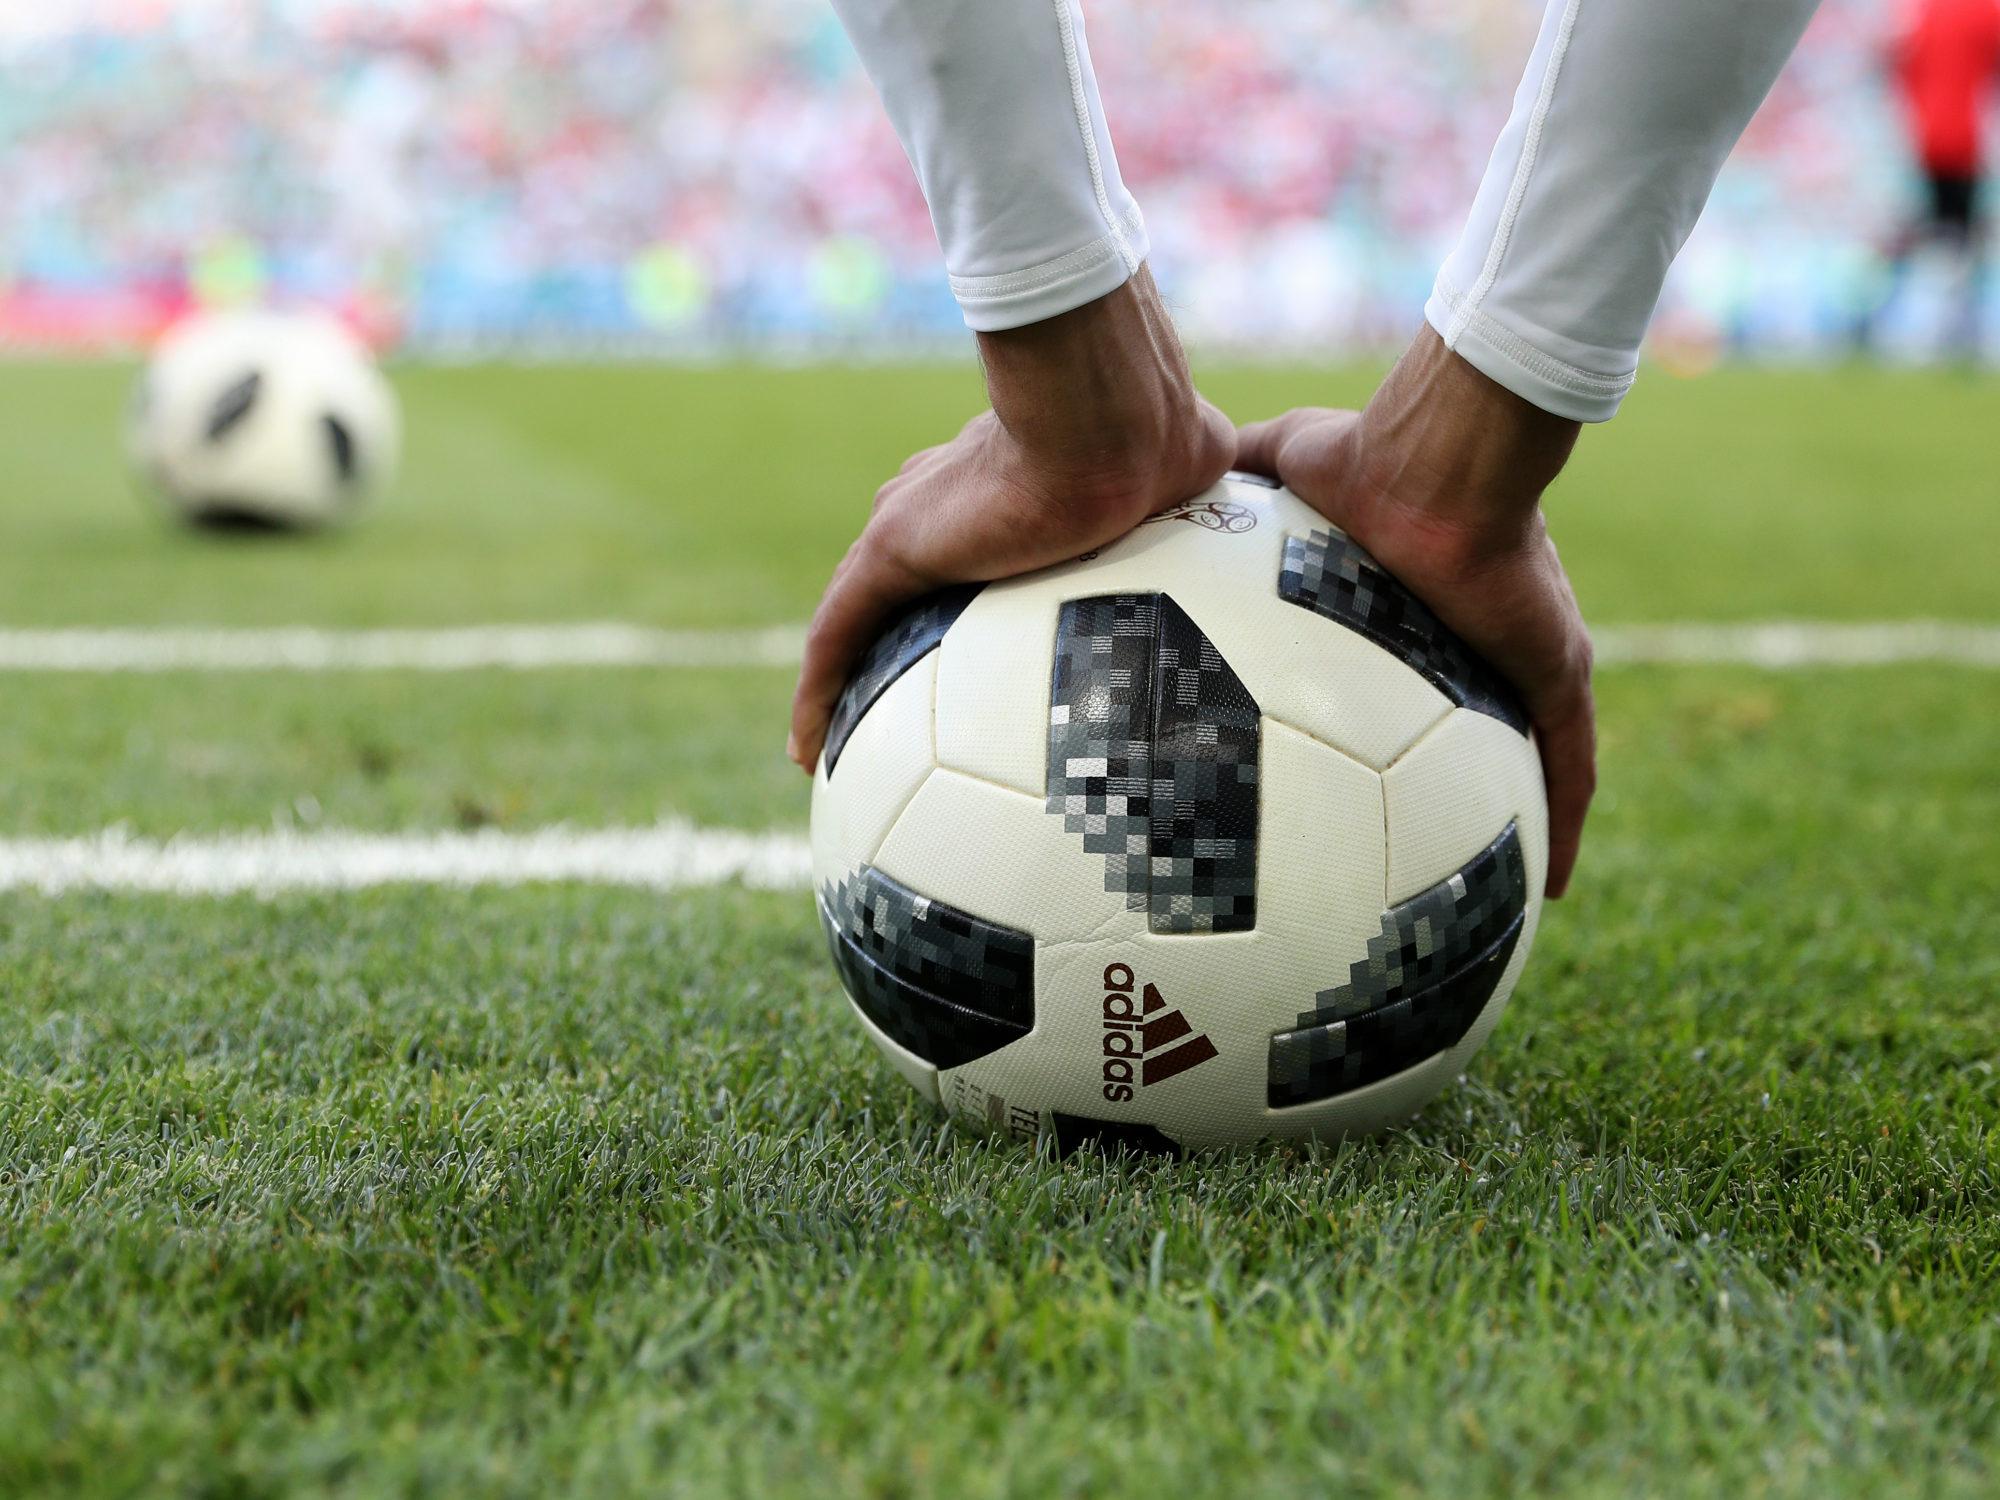 Будет ли назначен пенальти в футбольном матче